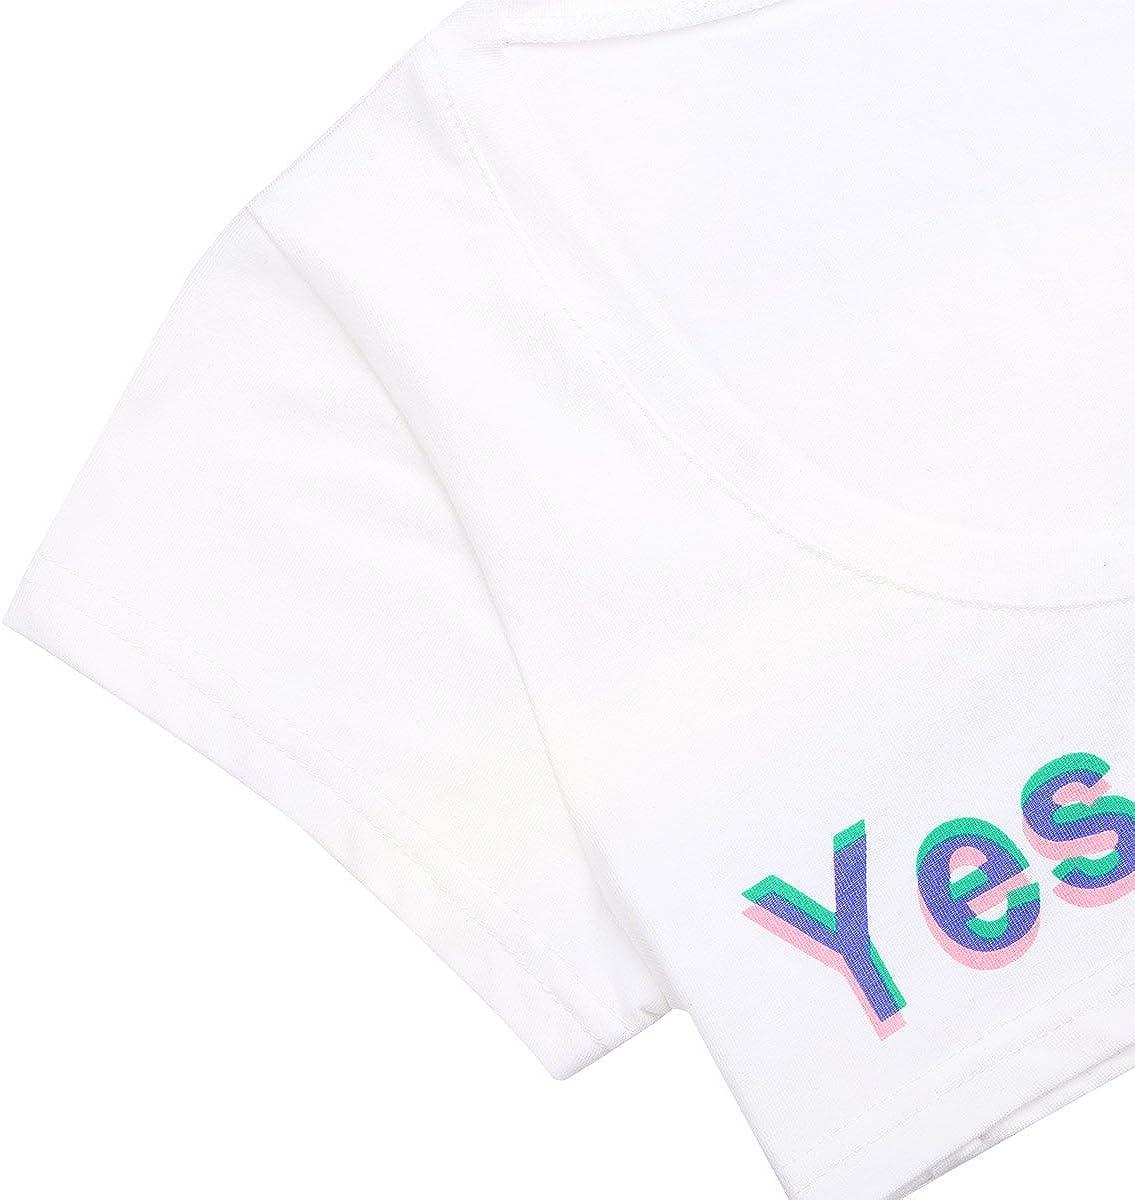 dPois Haut de Danse Femme Fille Soutien-Gorge Sport Push Up Sleeveless Tank Crop Tops Yes Daddy Coton T-Shirts Blouse Nuisette D/éshabille D/ébardeur Brassi/ère Gymnastique